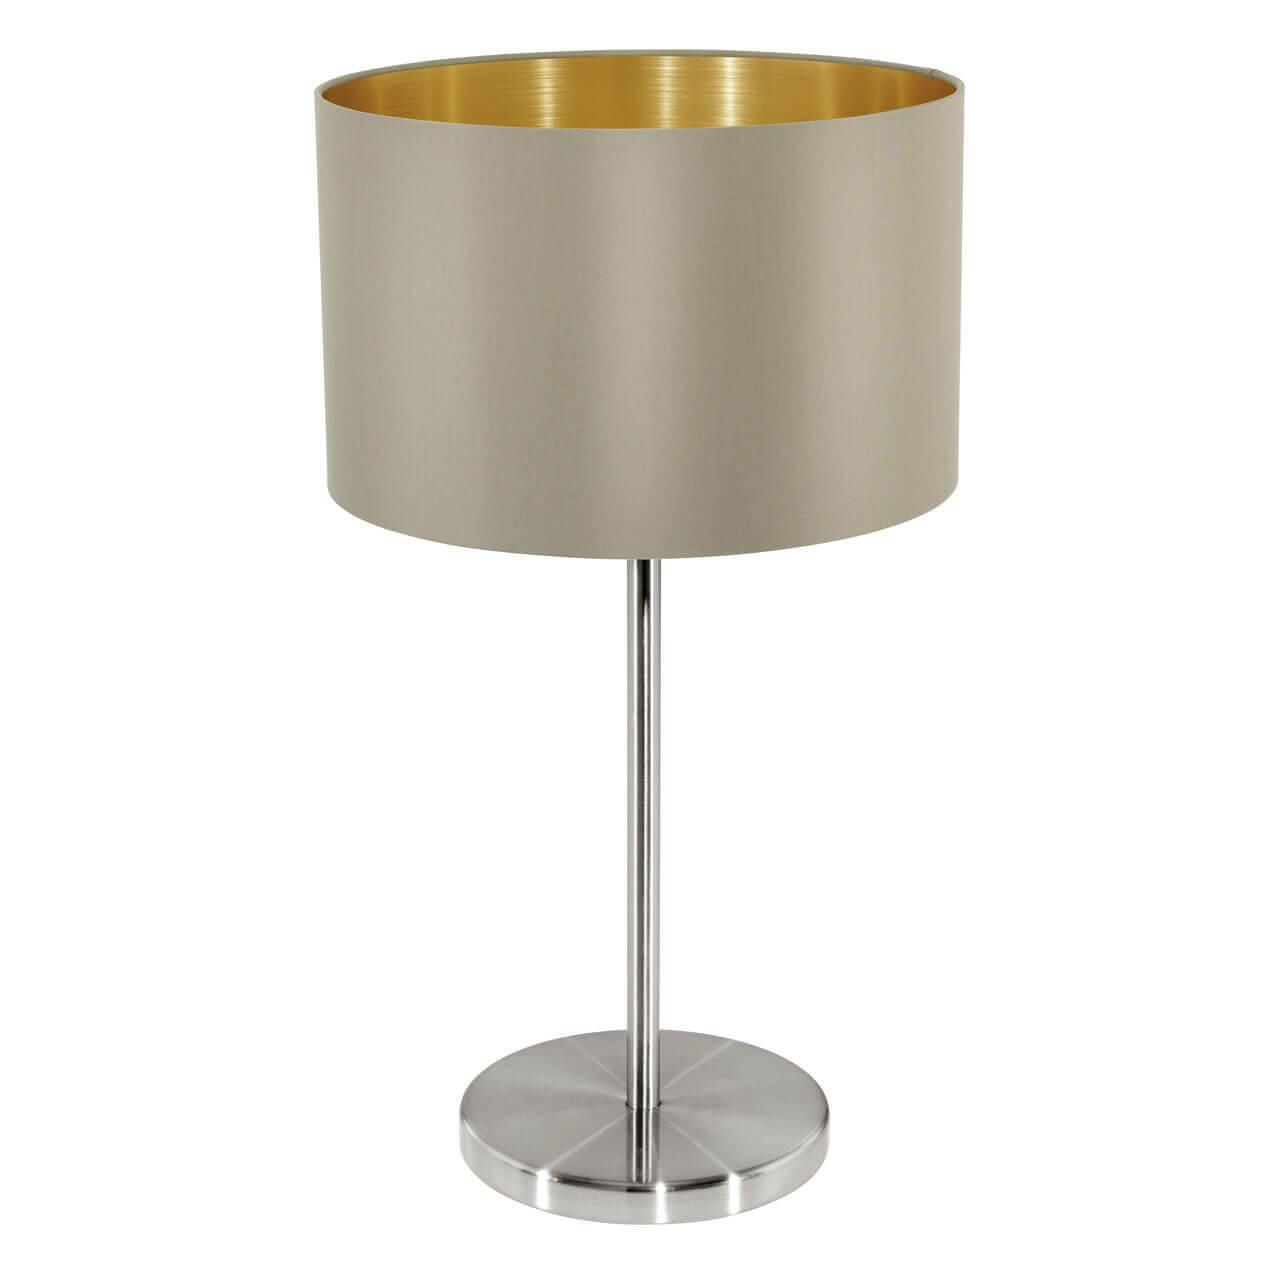 Настольная лампа Eglo Maserlo 31629 настольная лампа eglo maserlo 31629